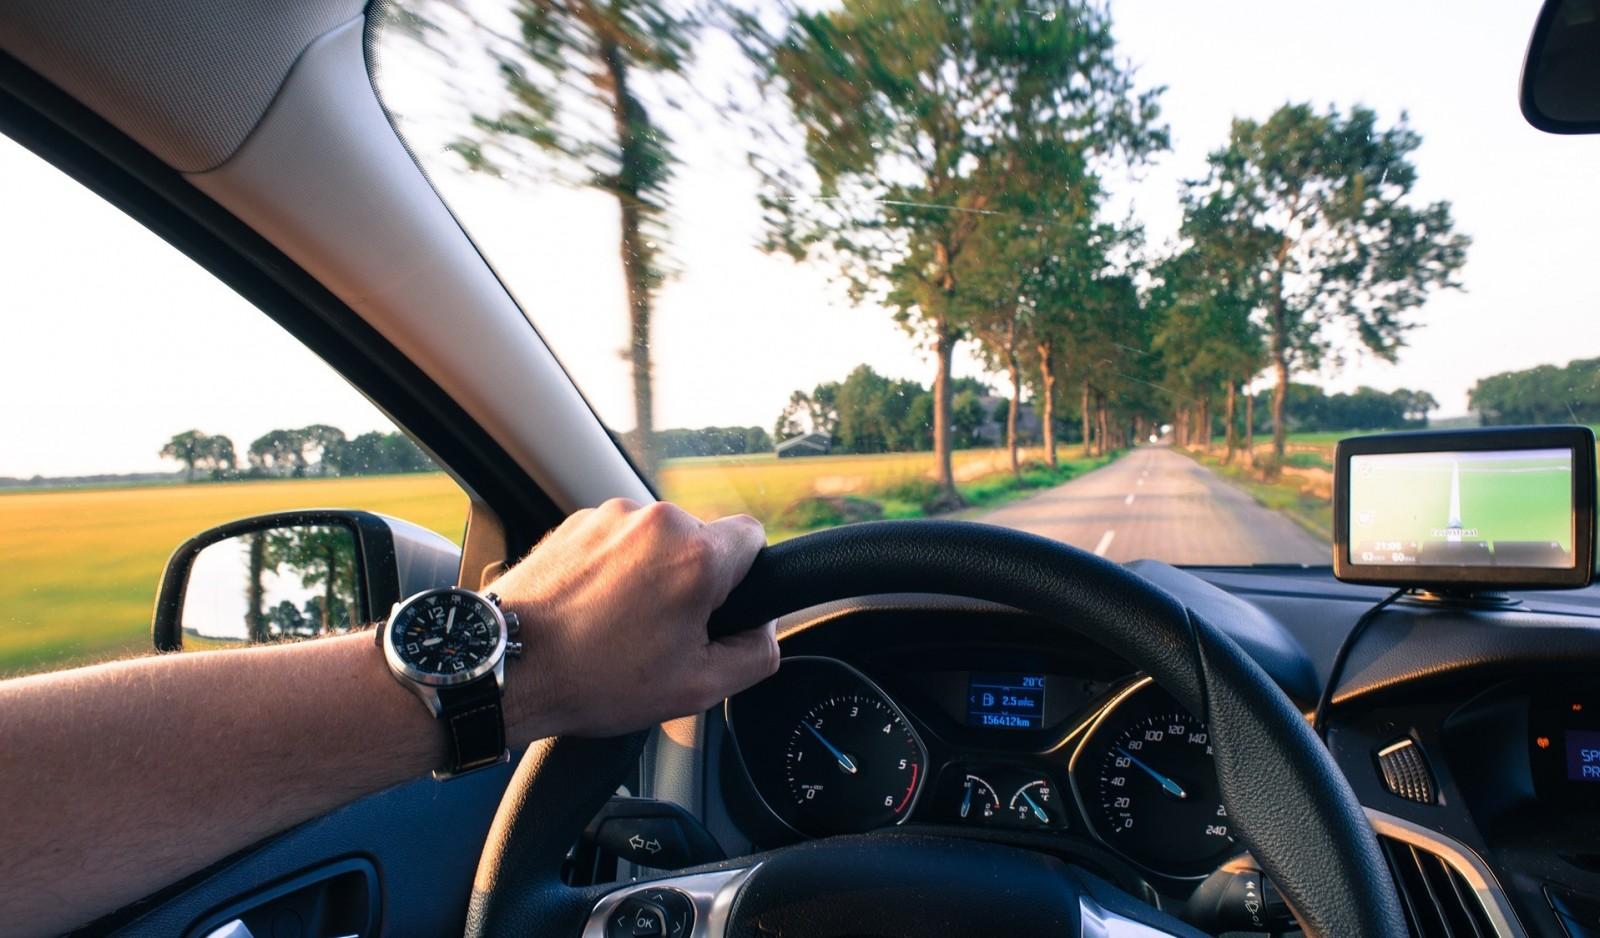 jogsis autóvezető